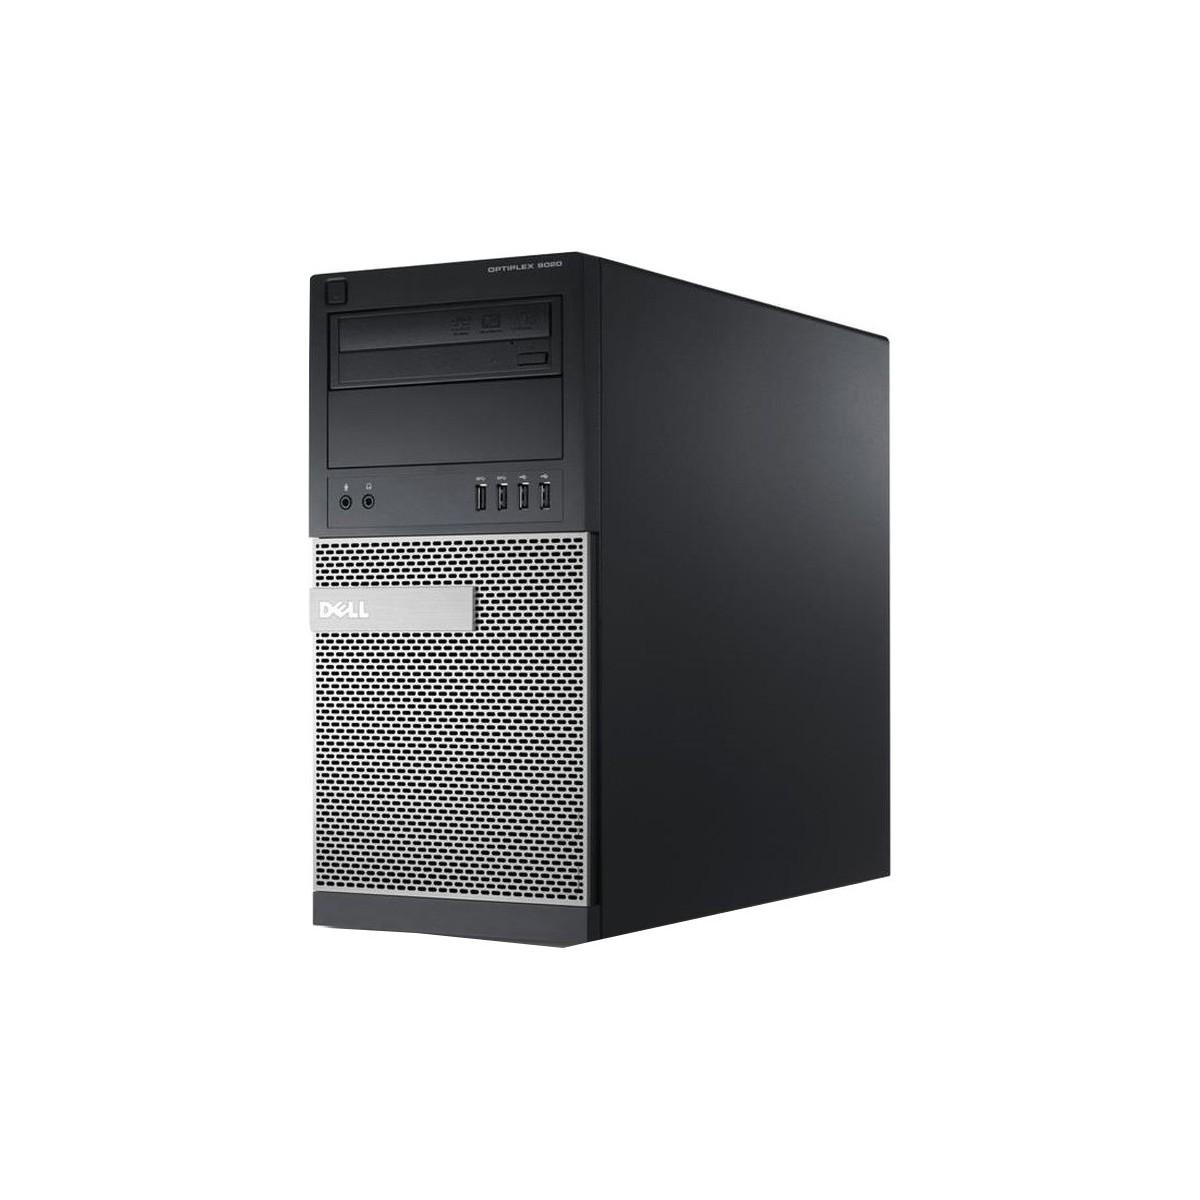 DELL 9020 MT i5-4590 16GB 500SSD 500HDD R7 250 W10